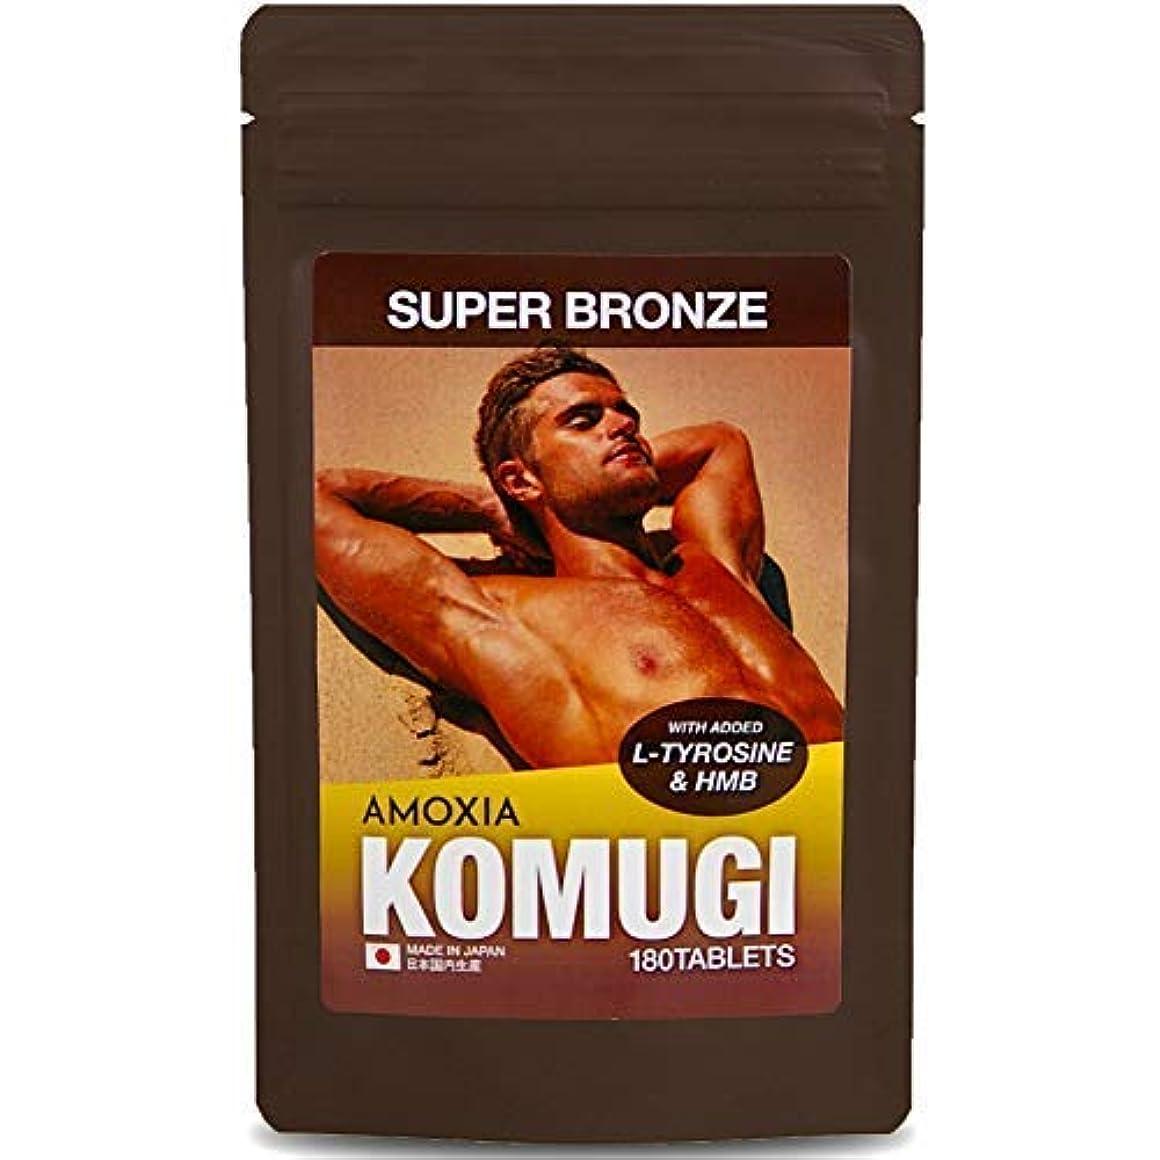 同意する自己証明書KOMUGI 日焼けと筋肉増強で新発想の飲むタンニング タンニングサプリメント 安心の国産 HMB配合 国産シェア100%